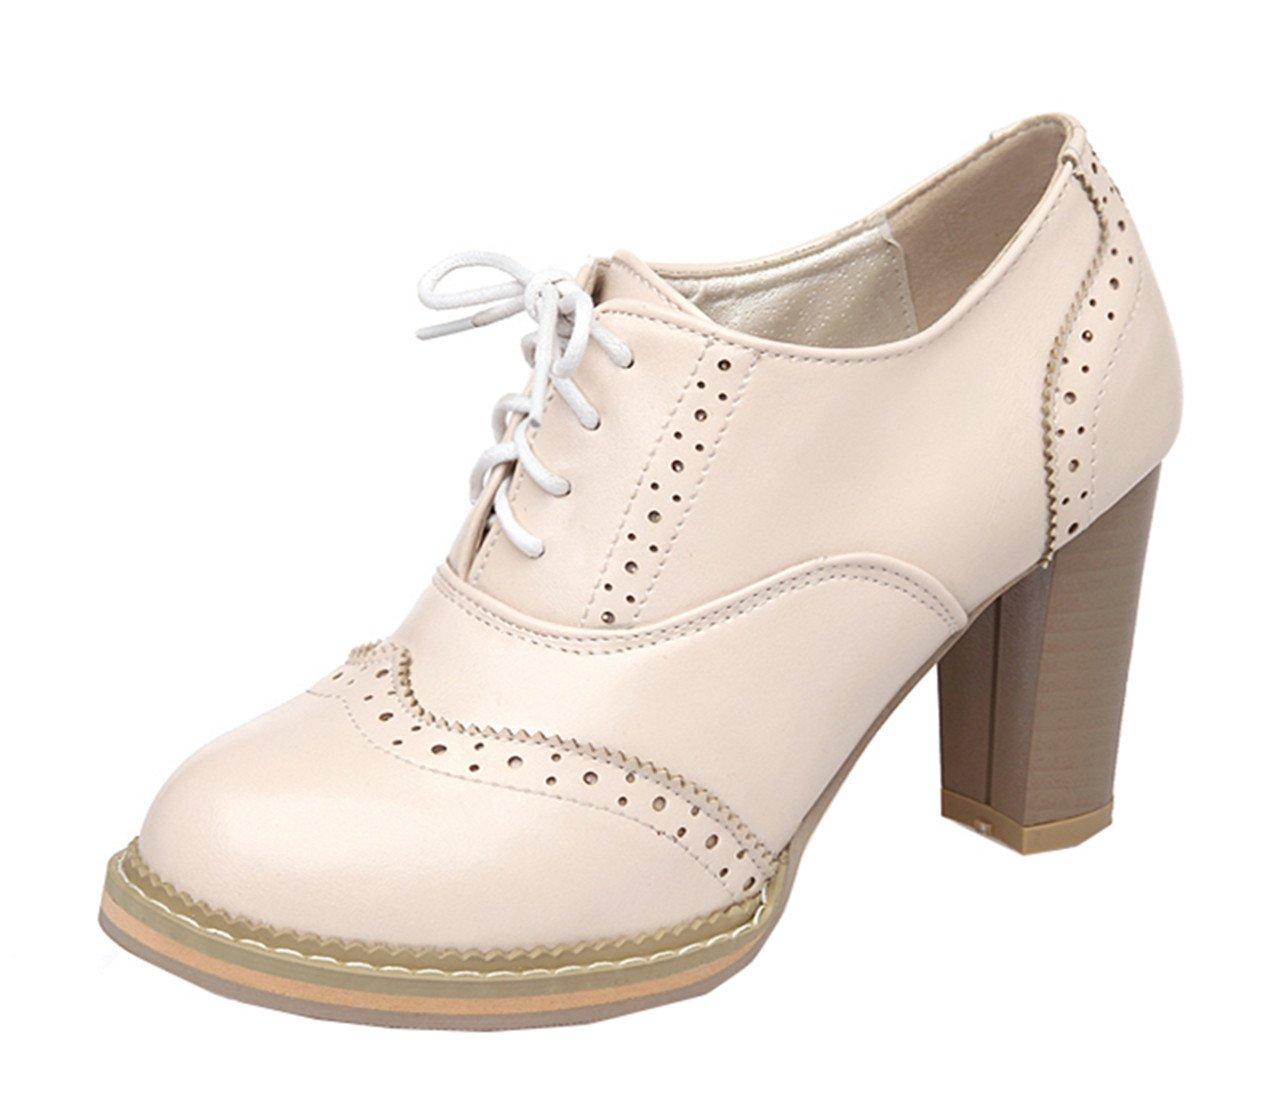 YE Damen High Heels Retro Suuml;szlig;e Geschlossene Zehe Pumps mit Blockabsatz Brogue Fruuml;hling Herbst Schnuuml;rhalbschuhe Casual Shoes37 EU|Beige